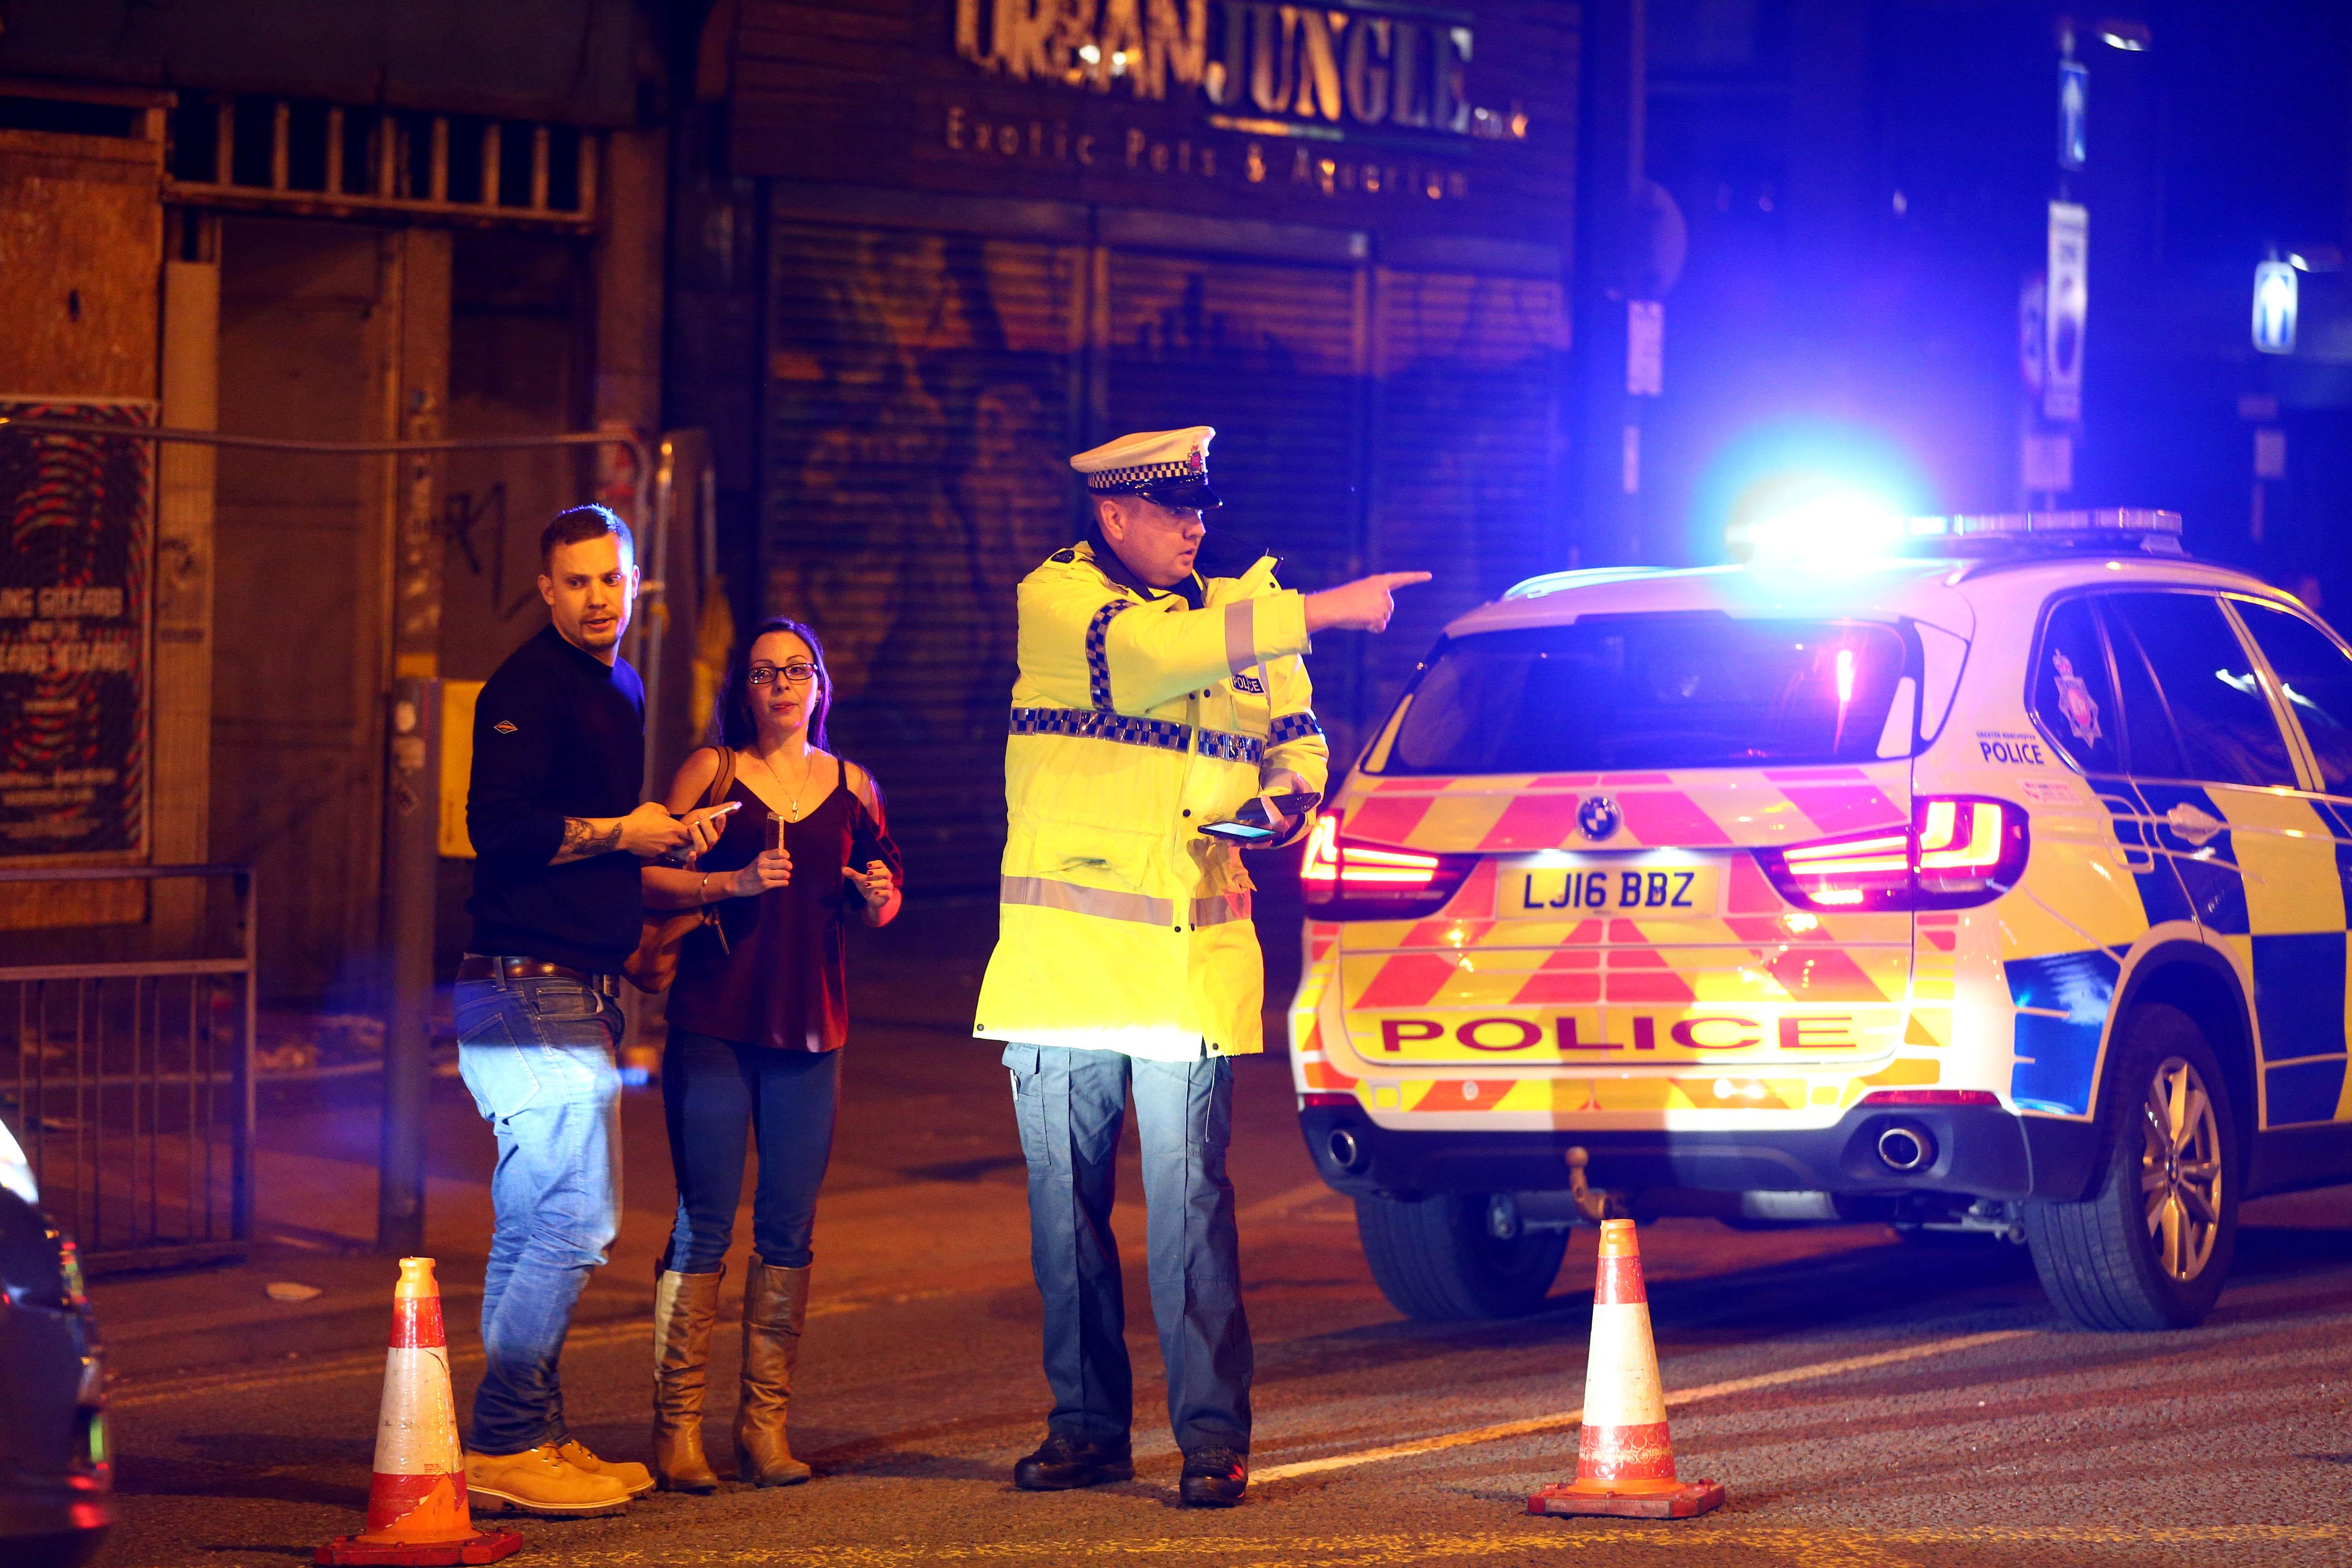 Polizisten am Tatort in Manchester